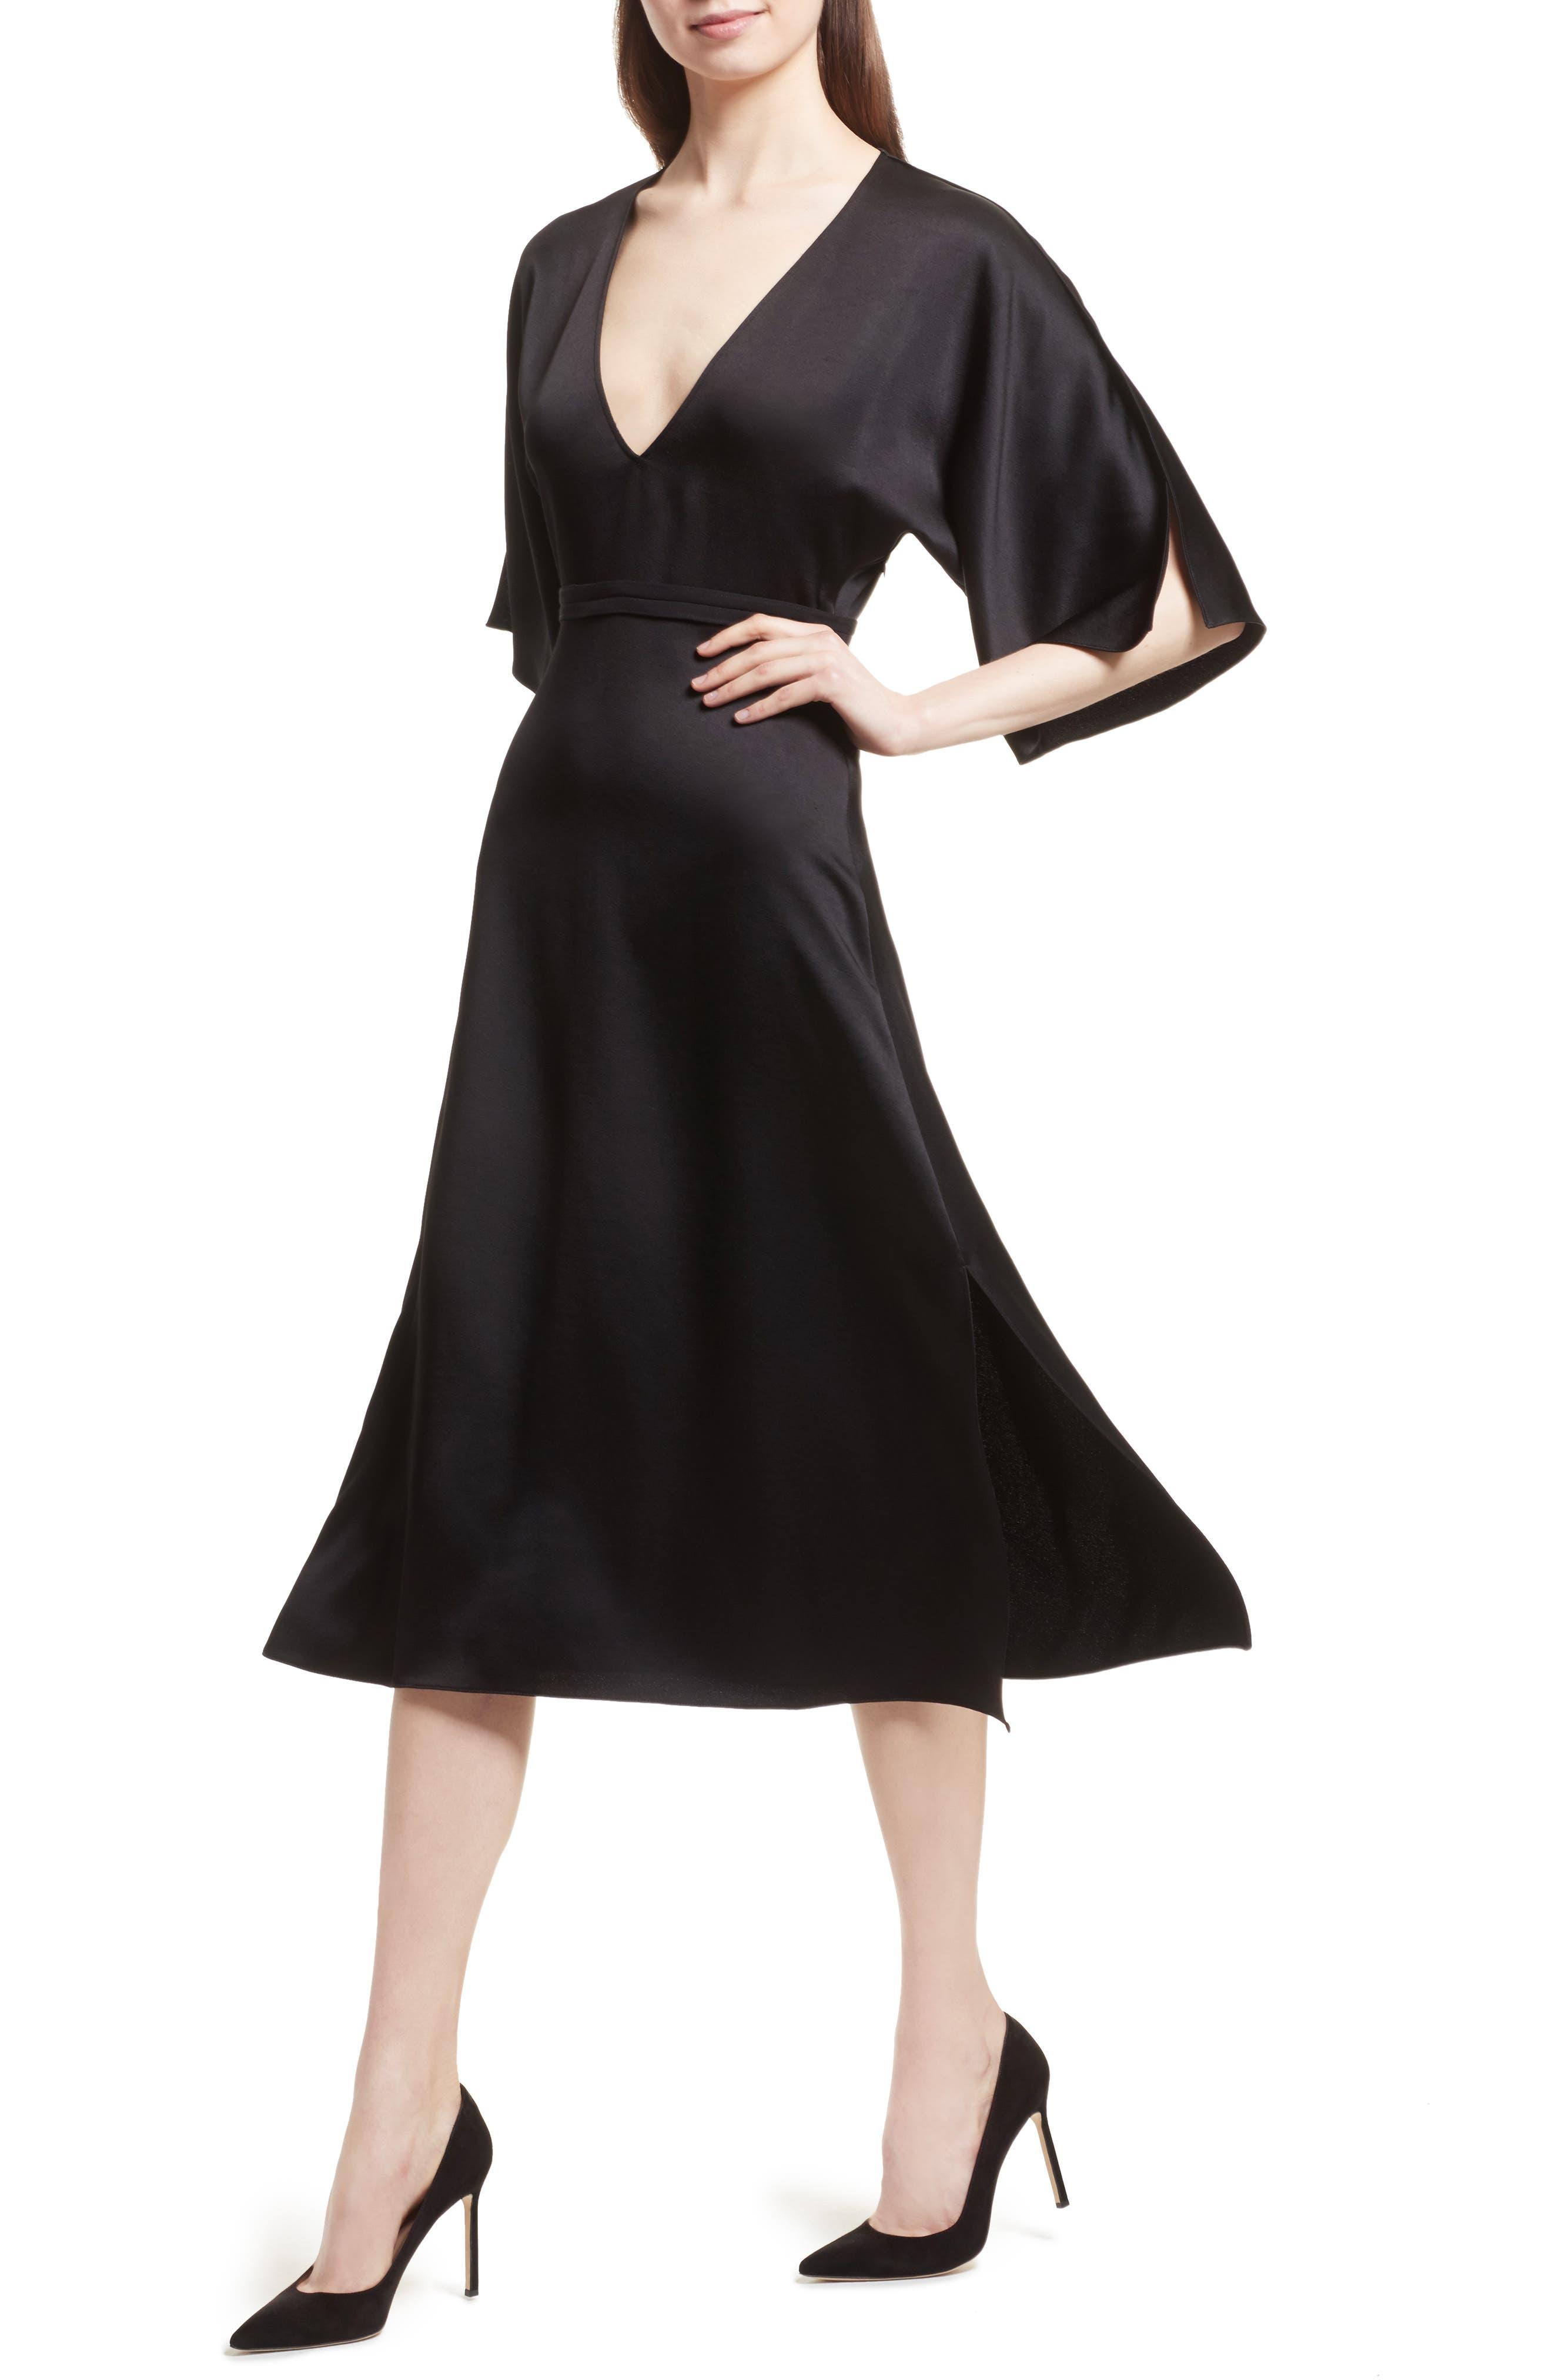 Kensington Midi Dress,                             Alternate thumbnail 4, color,                             001